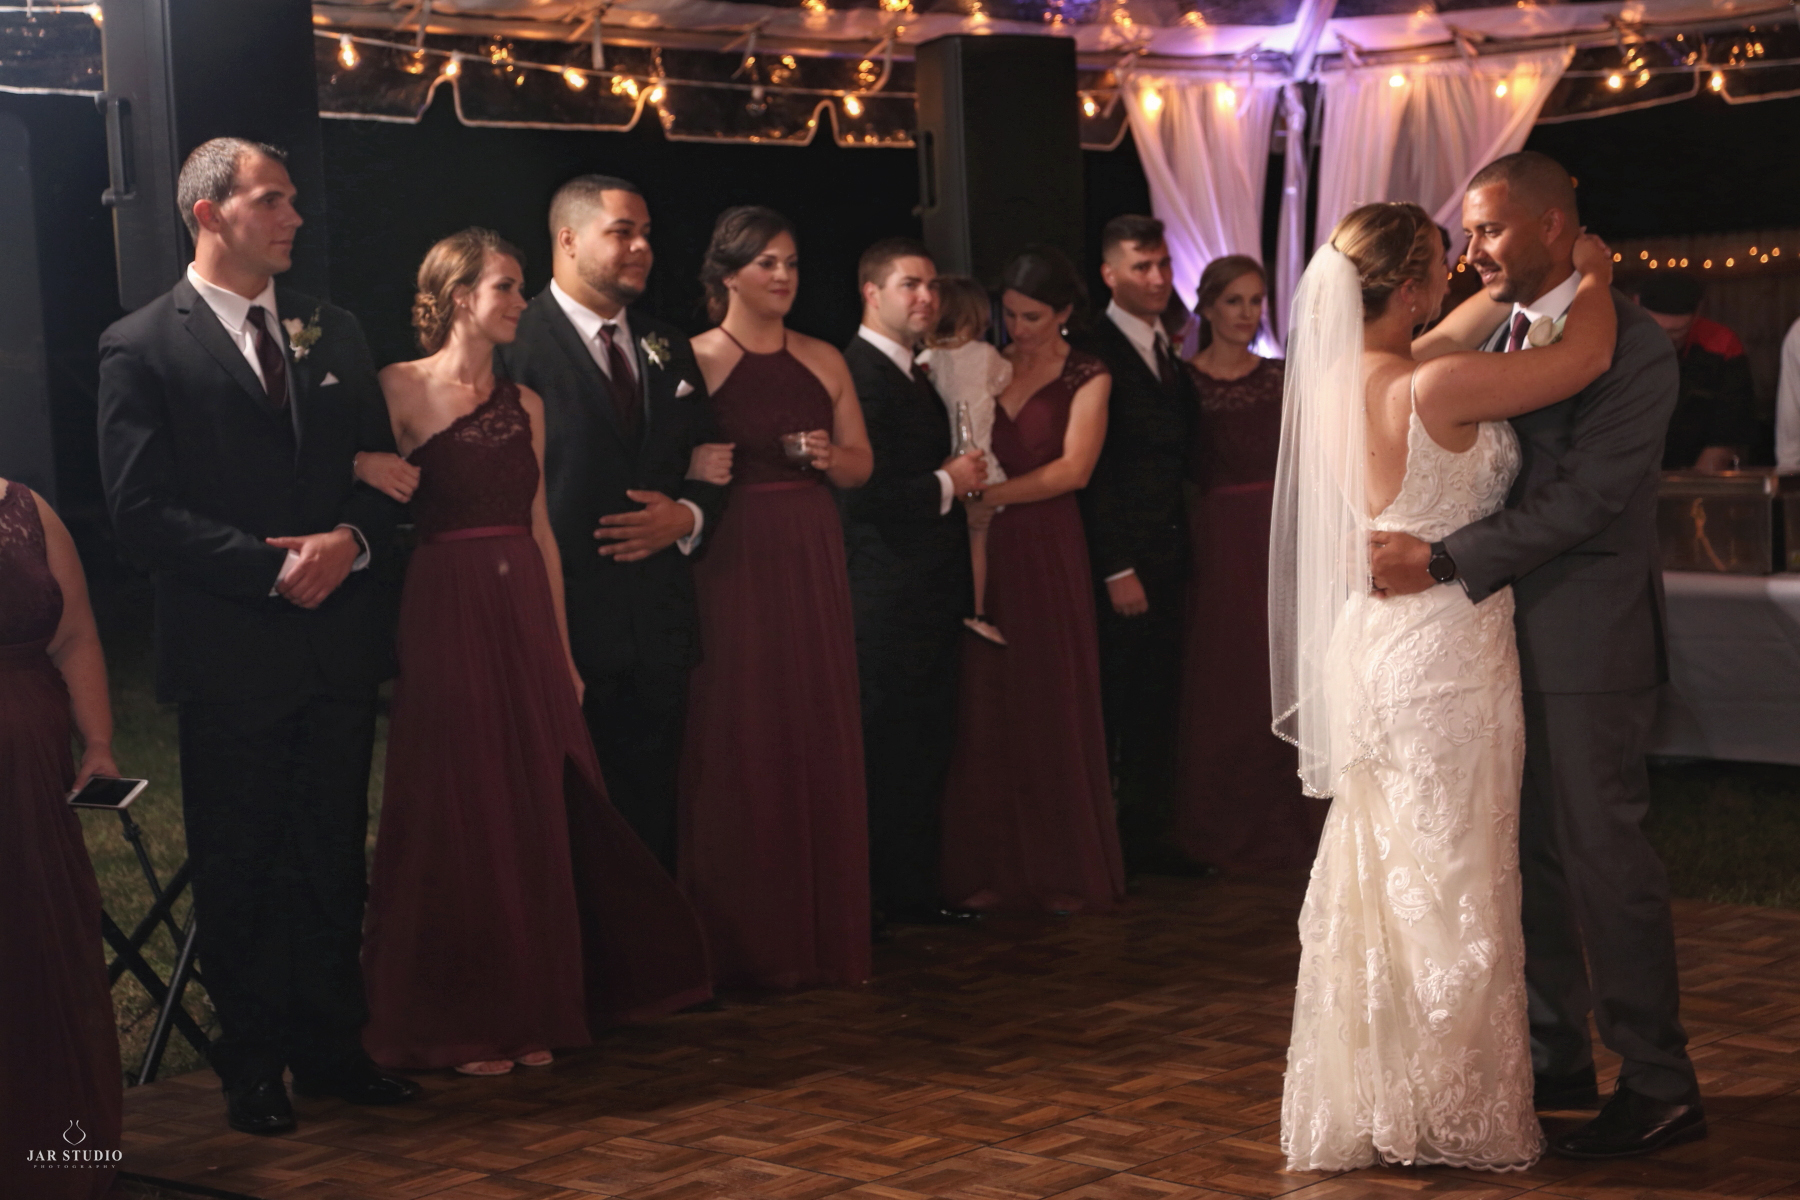 jarstudio-wedding-photographer-523.JPG